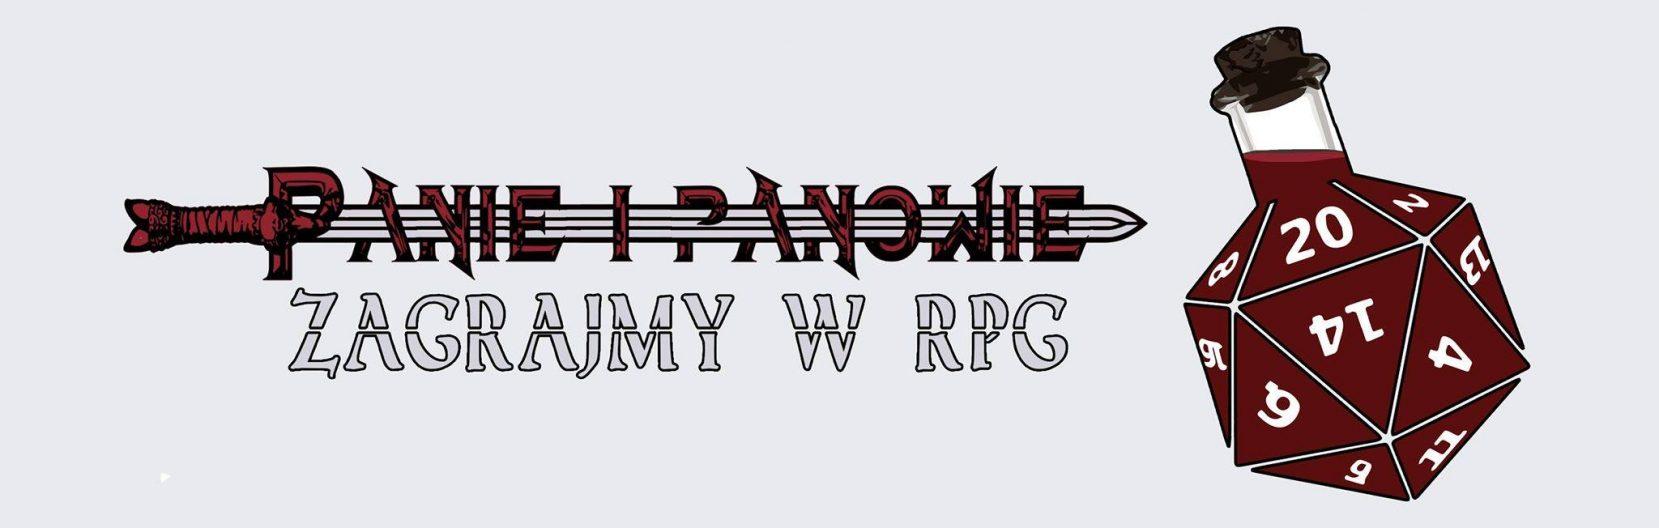 Panie i Panowie zagrajmy w RPG